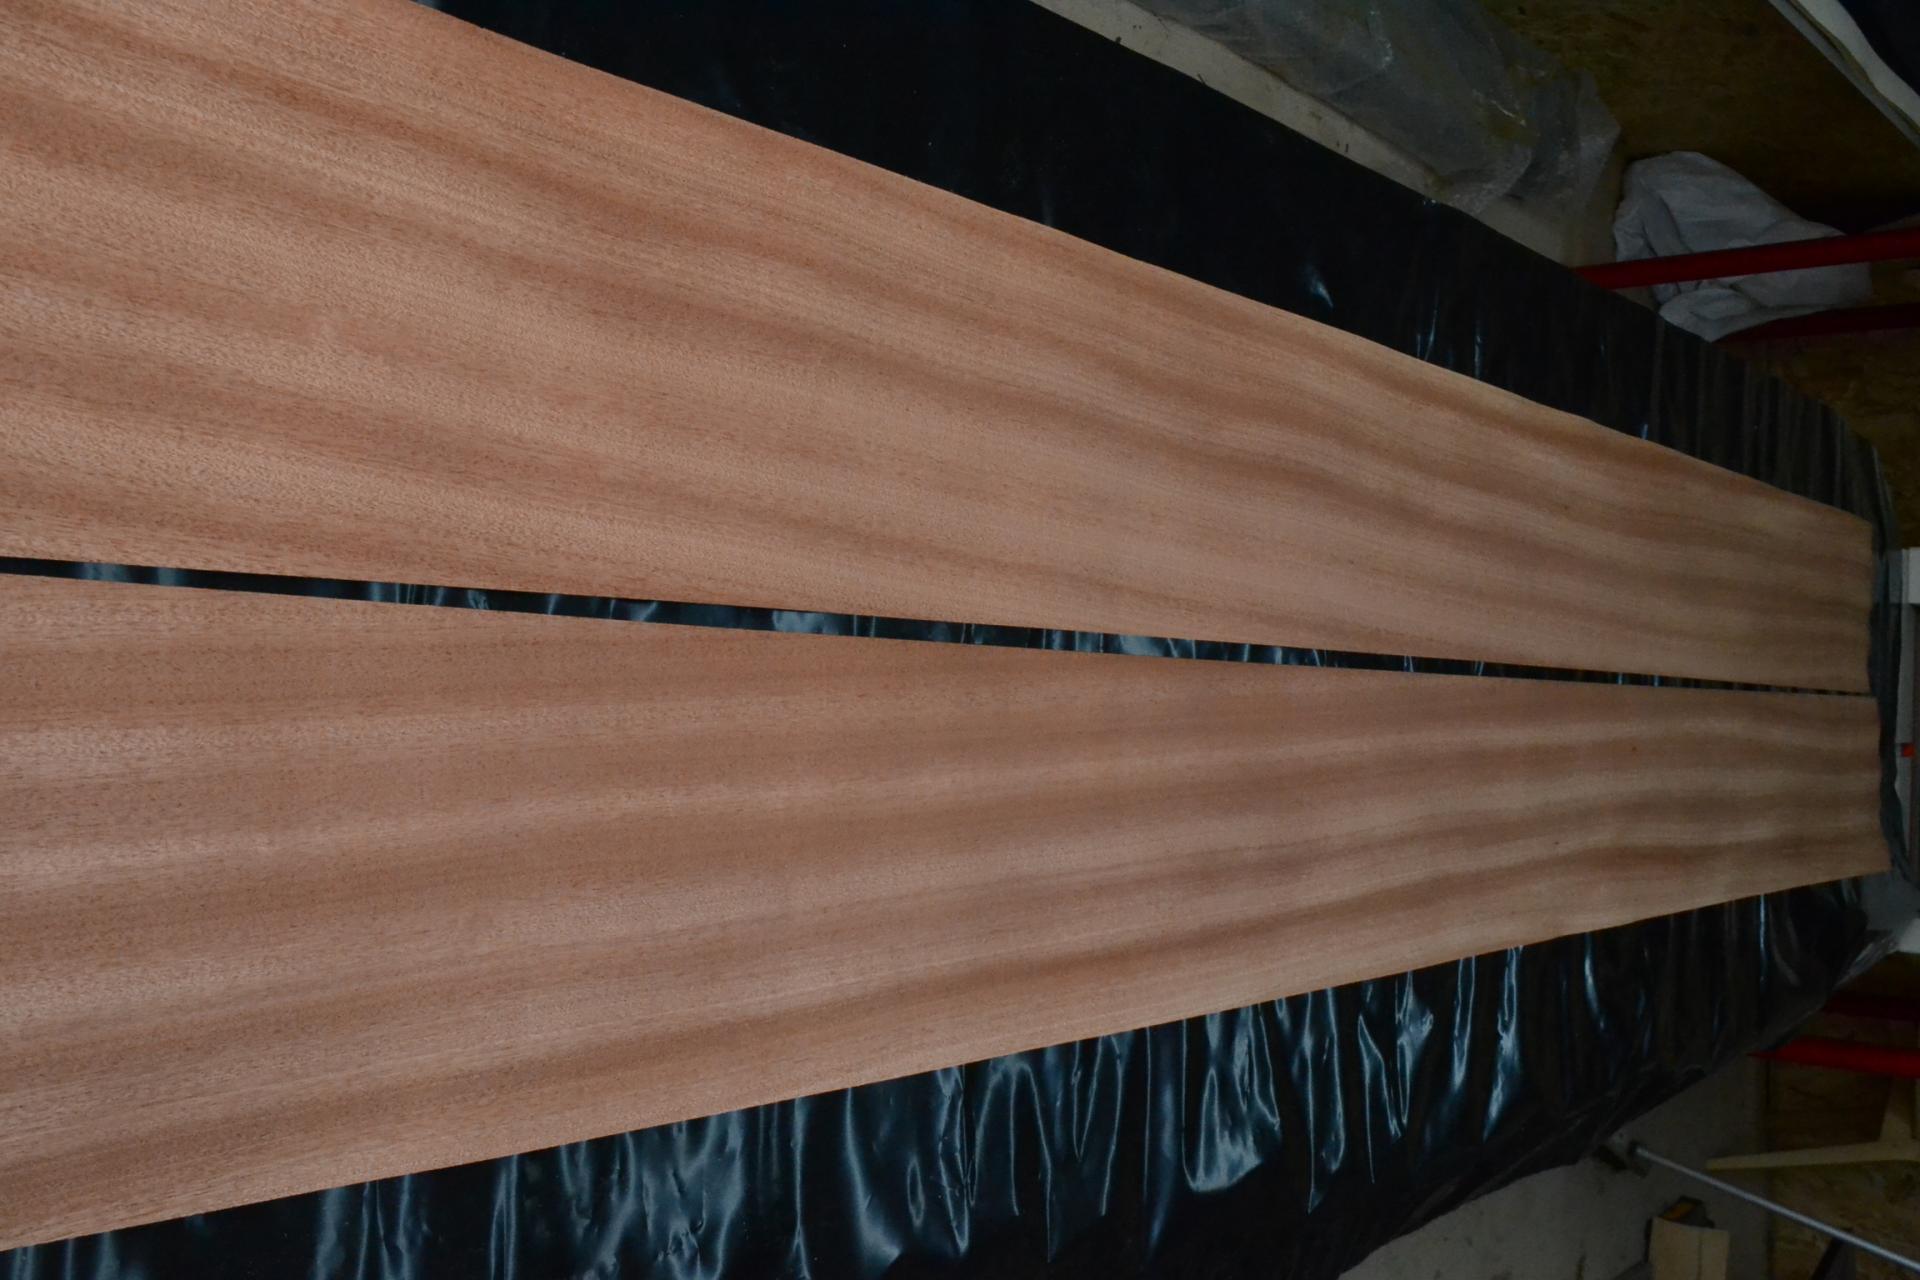 220 placage marqueterie feuille de bois acajou kity 1